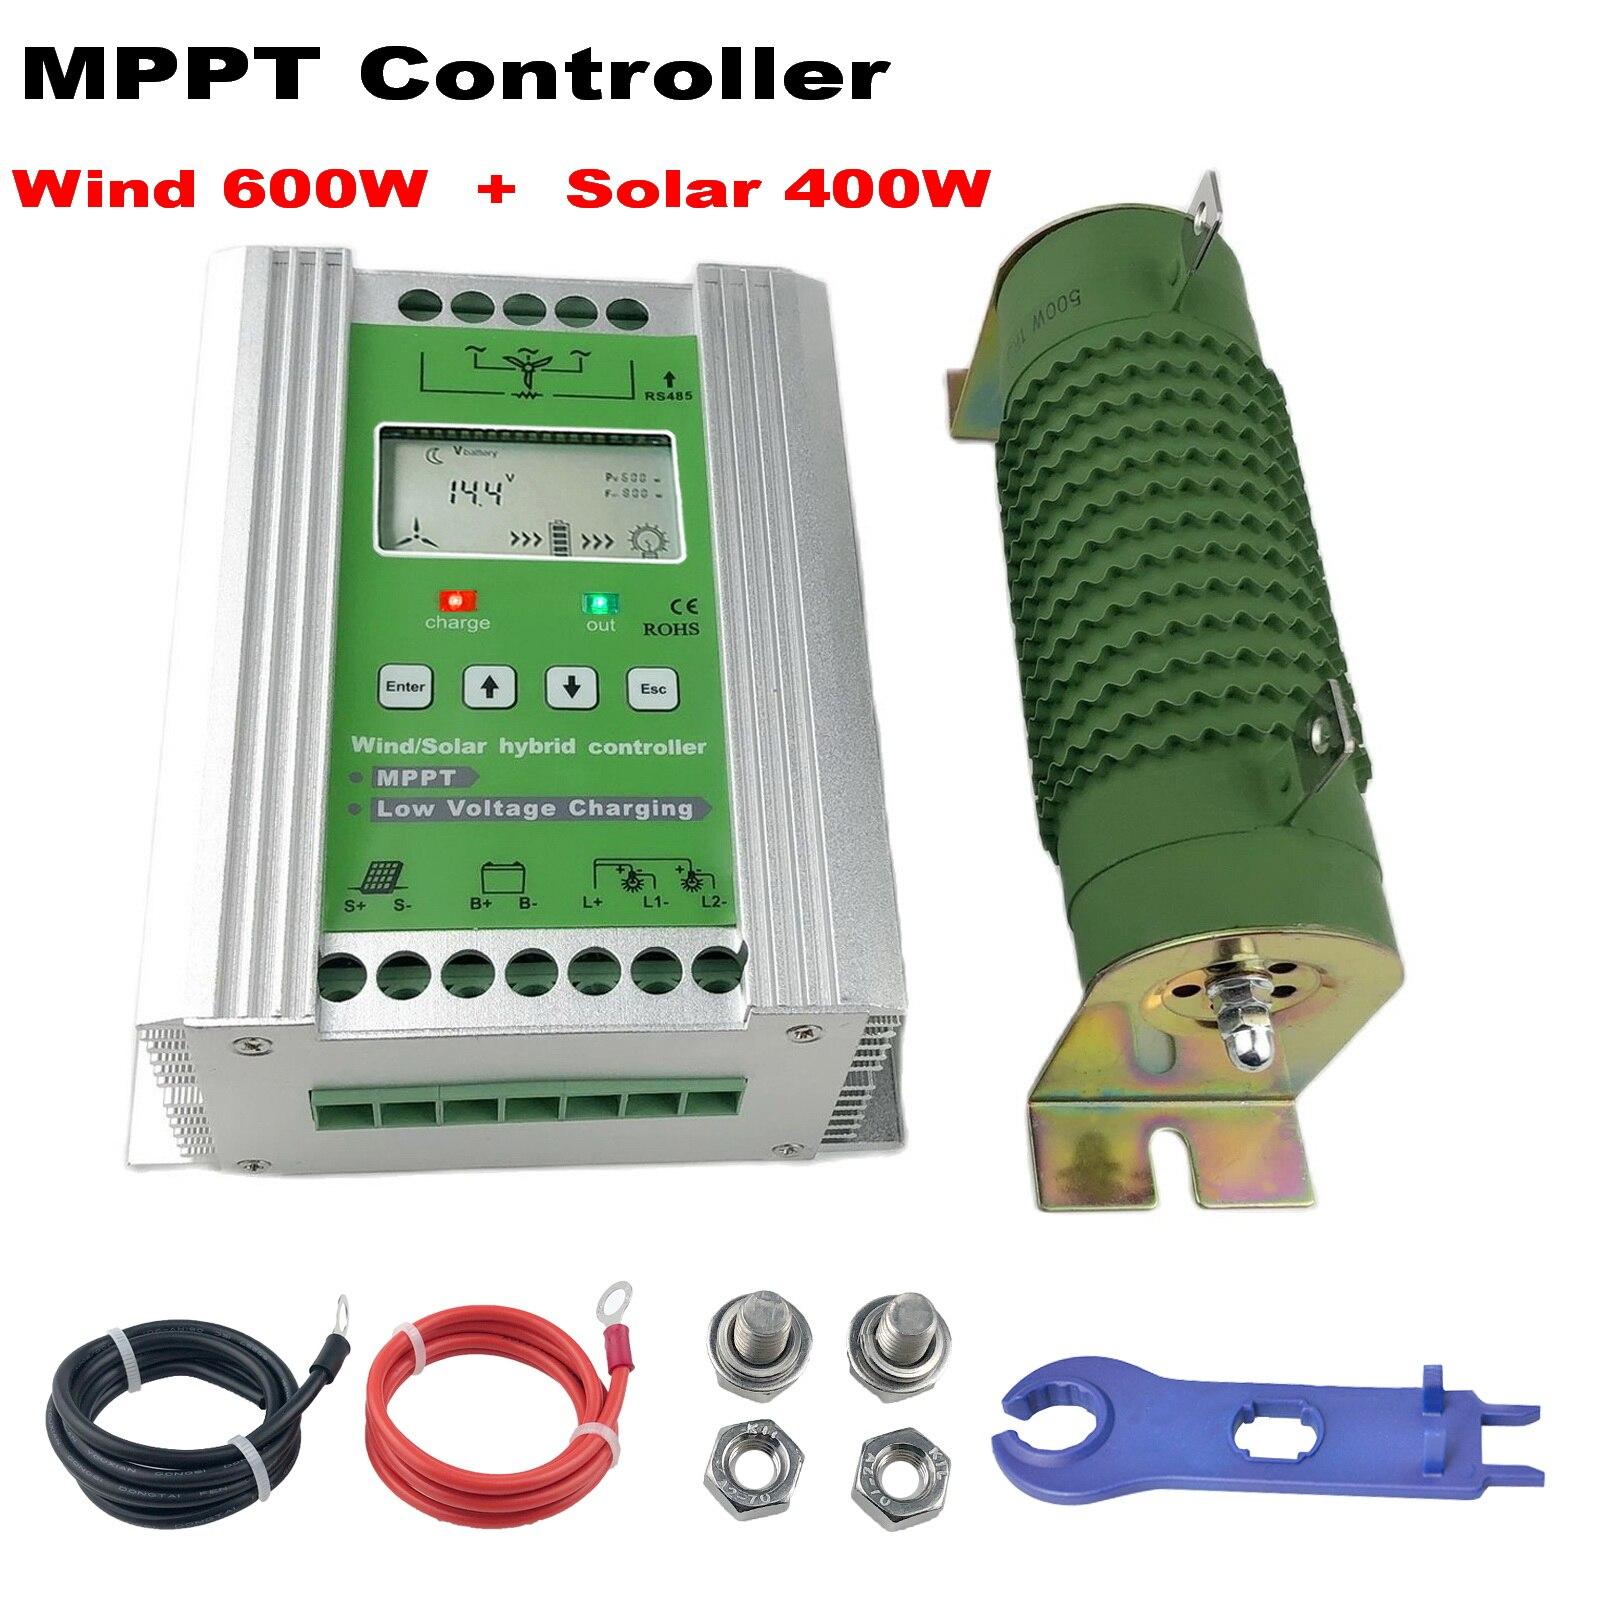 1000 واط MPPT الهجين الرياح الشمسية تهمة التفريغ الداعم تحكم منظم تفريغ تحميل ل 12 فولت 24 فولت بطارية الرصاص الحمضية توربينات الرياح